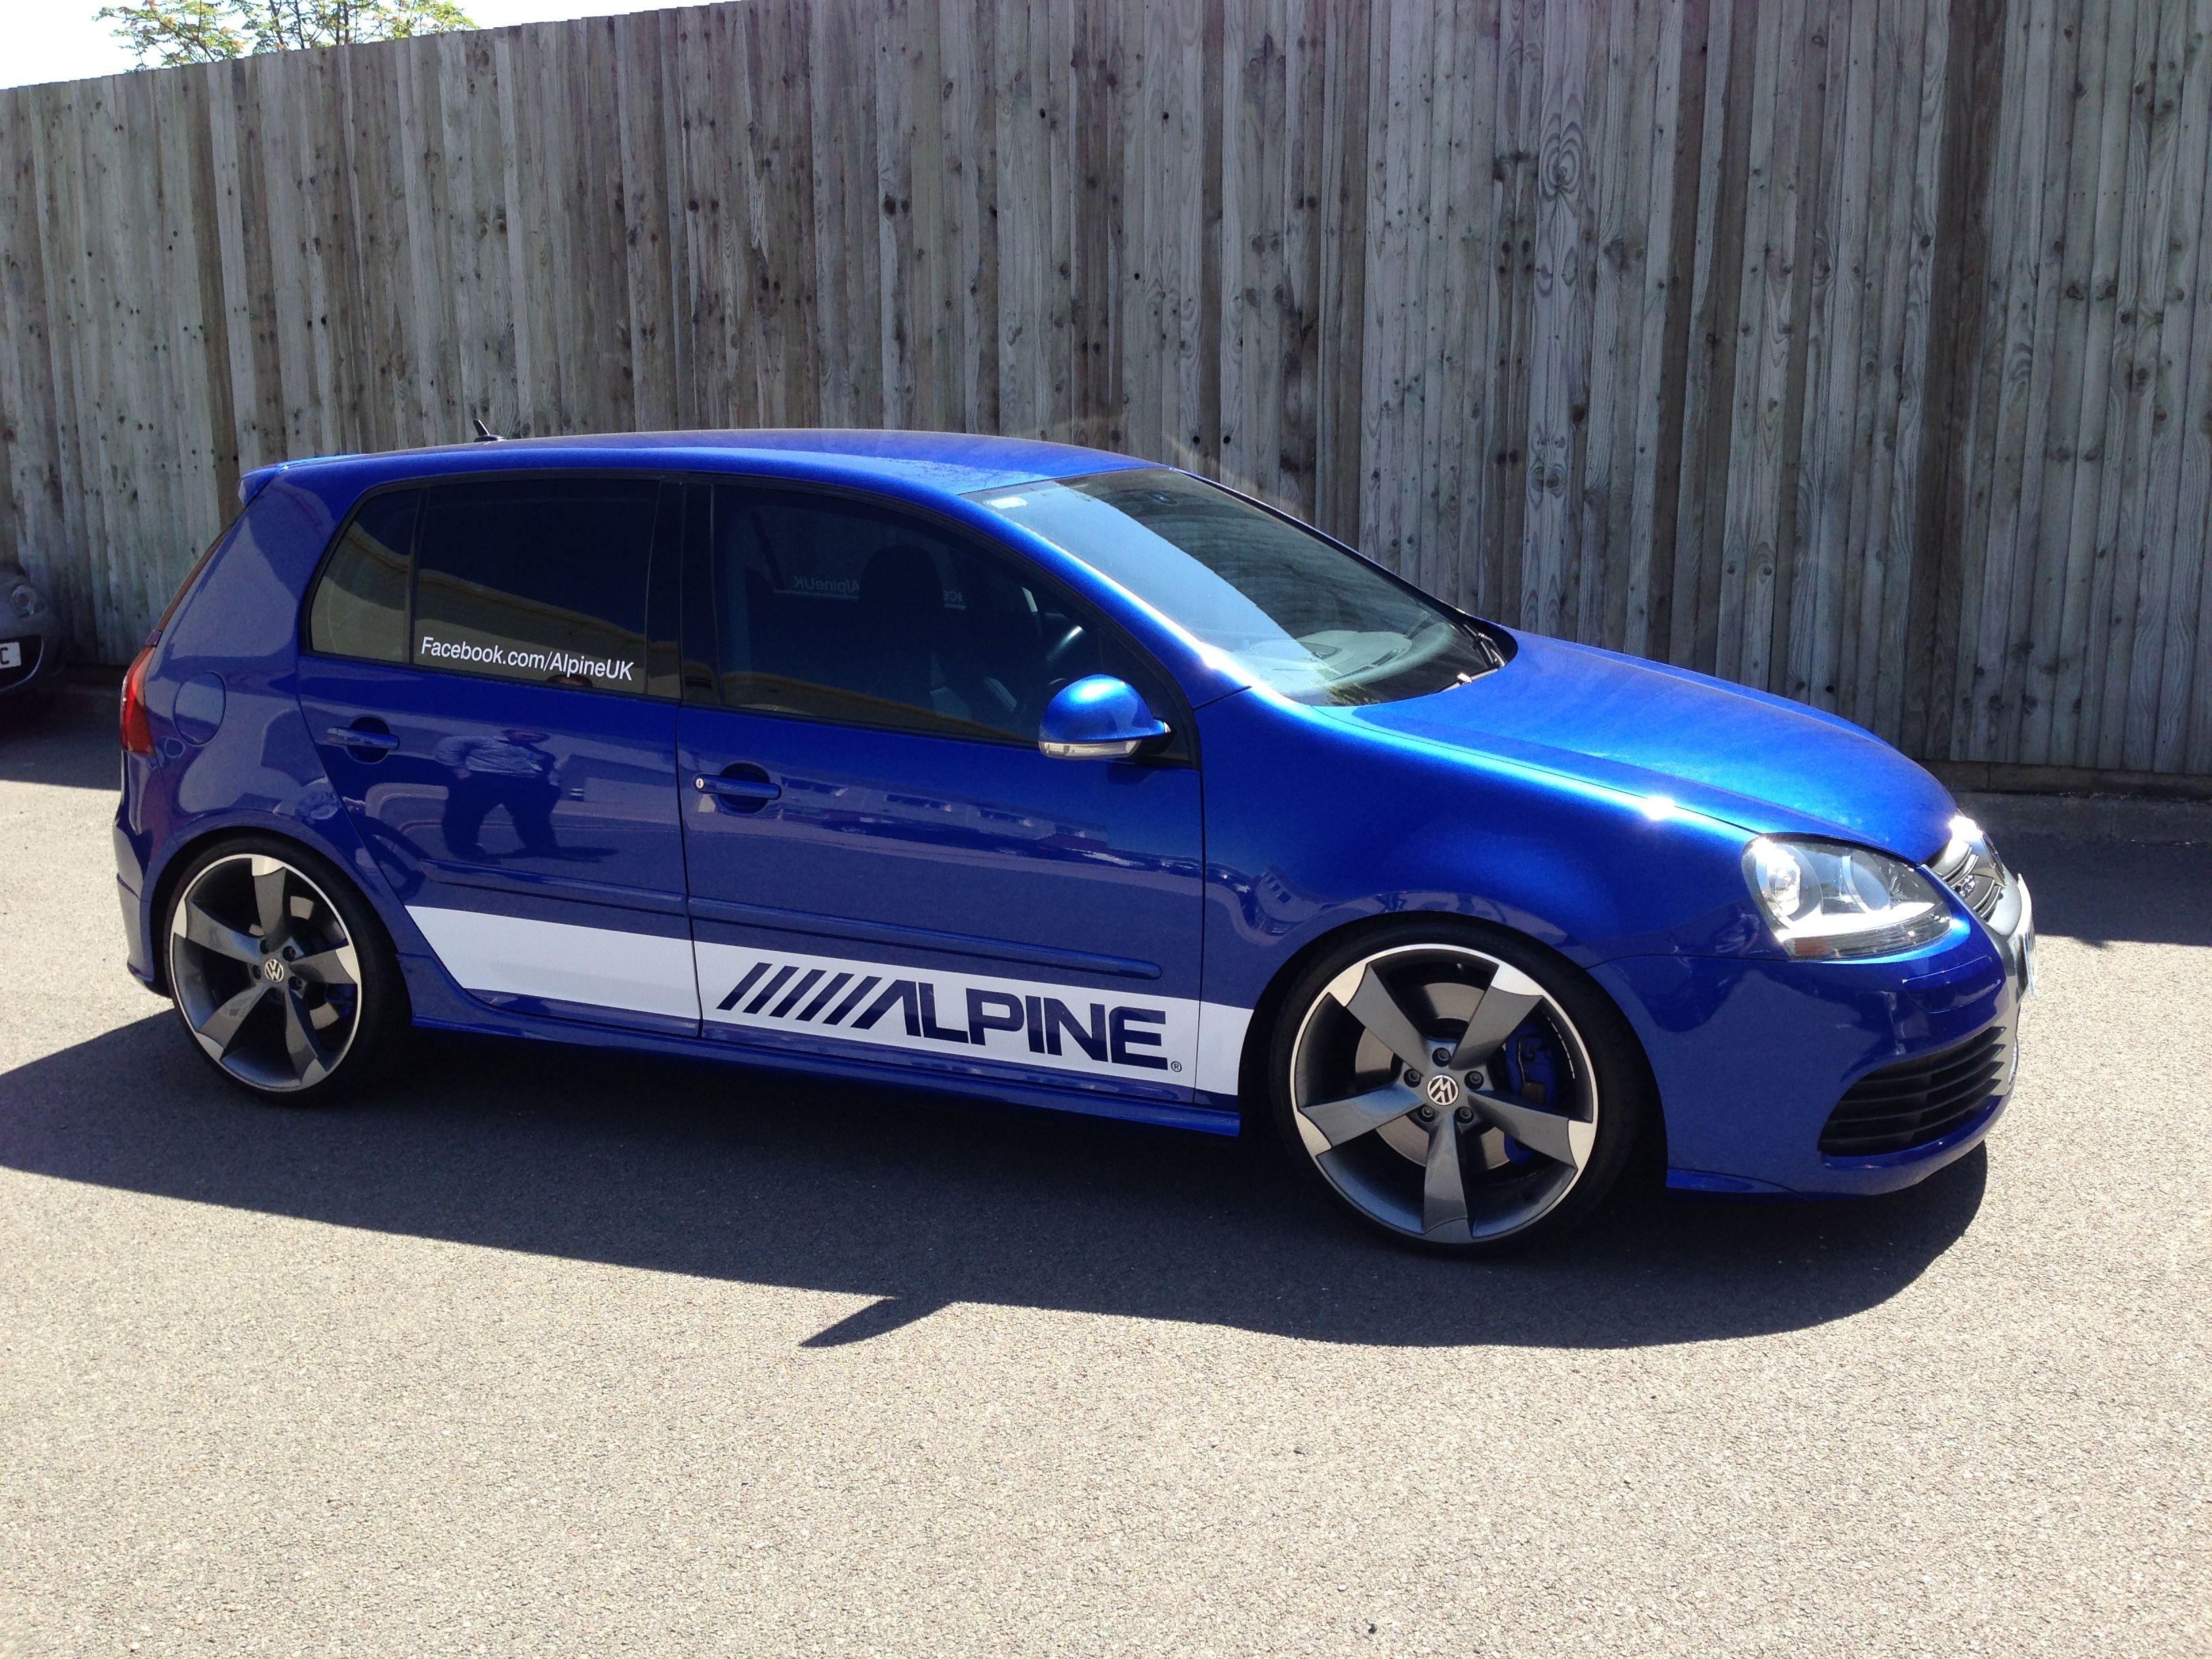 alpine uk golf r32 demo car alpine demo cars pinterest cars volkswagen golf and volkswagen. Black Bedroom Furniture Sets. Home Design Ideas